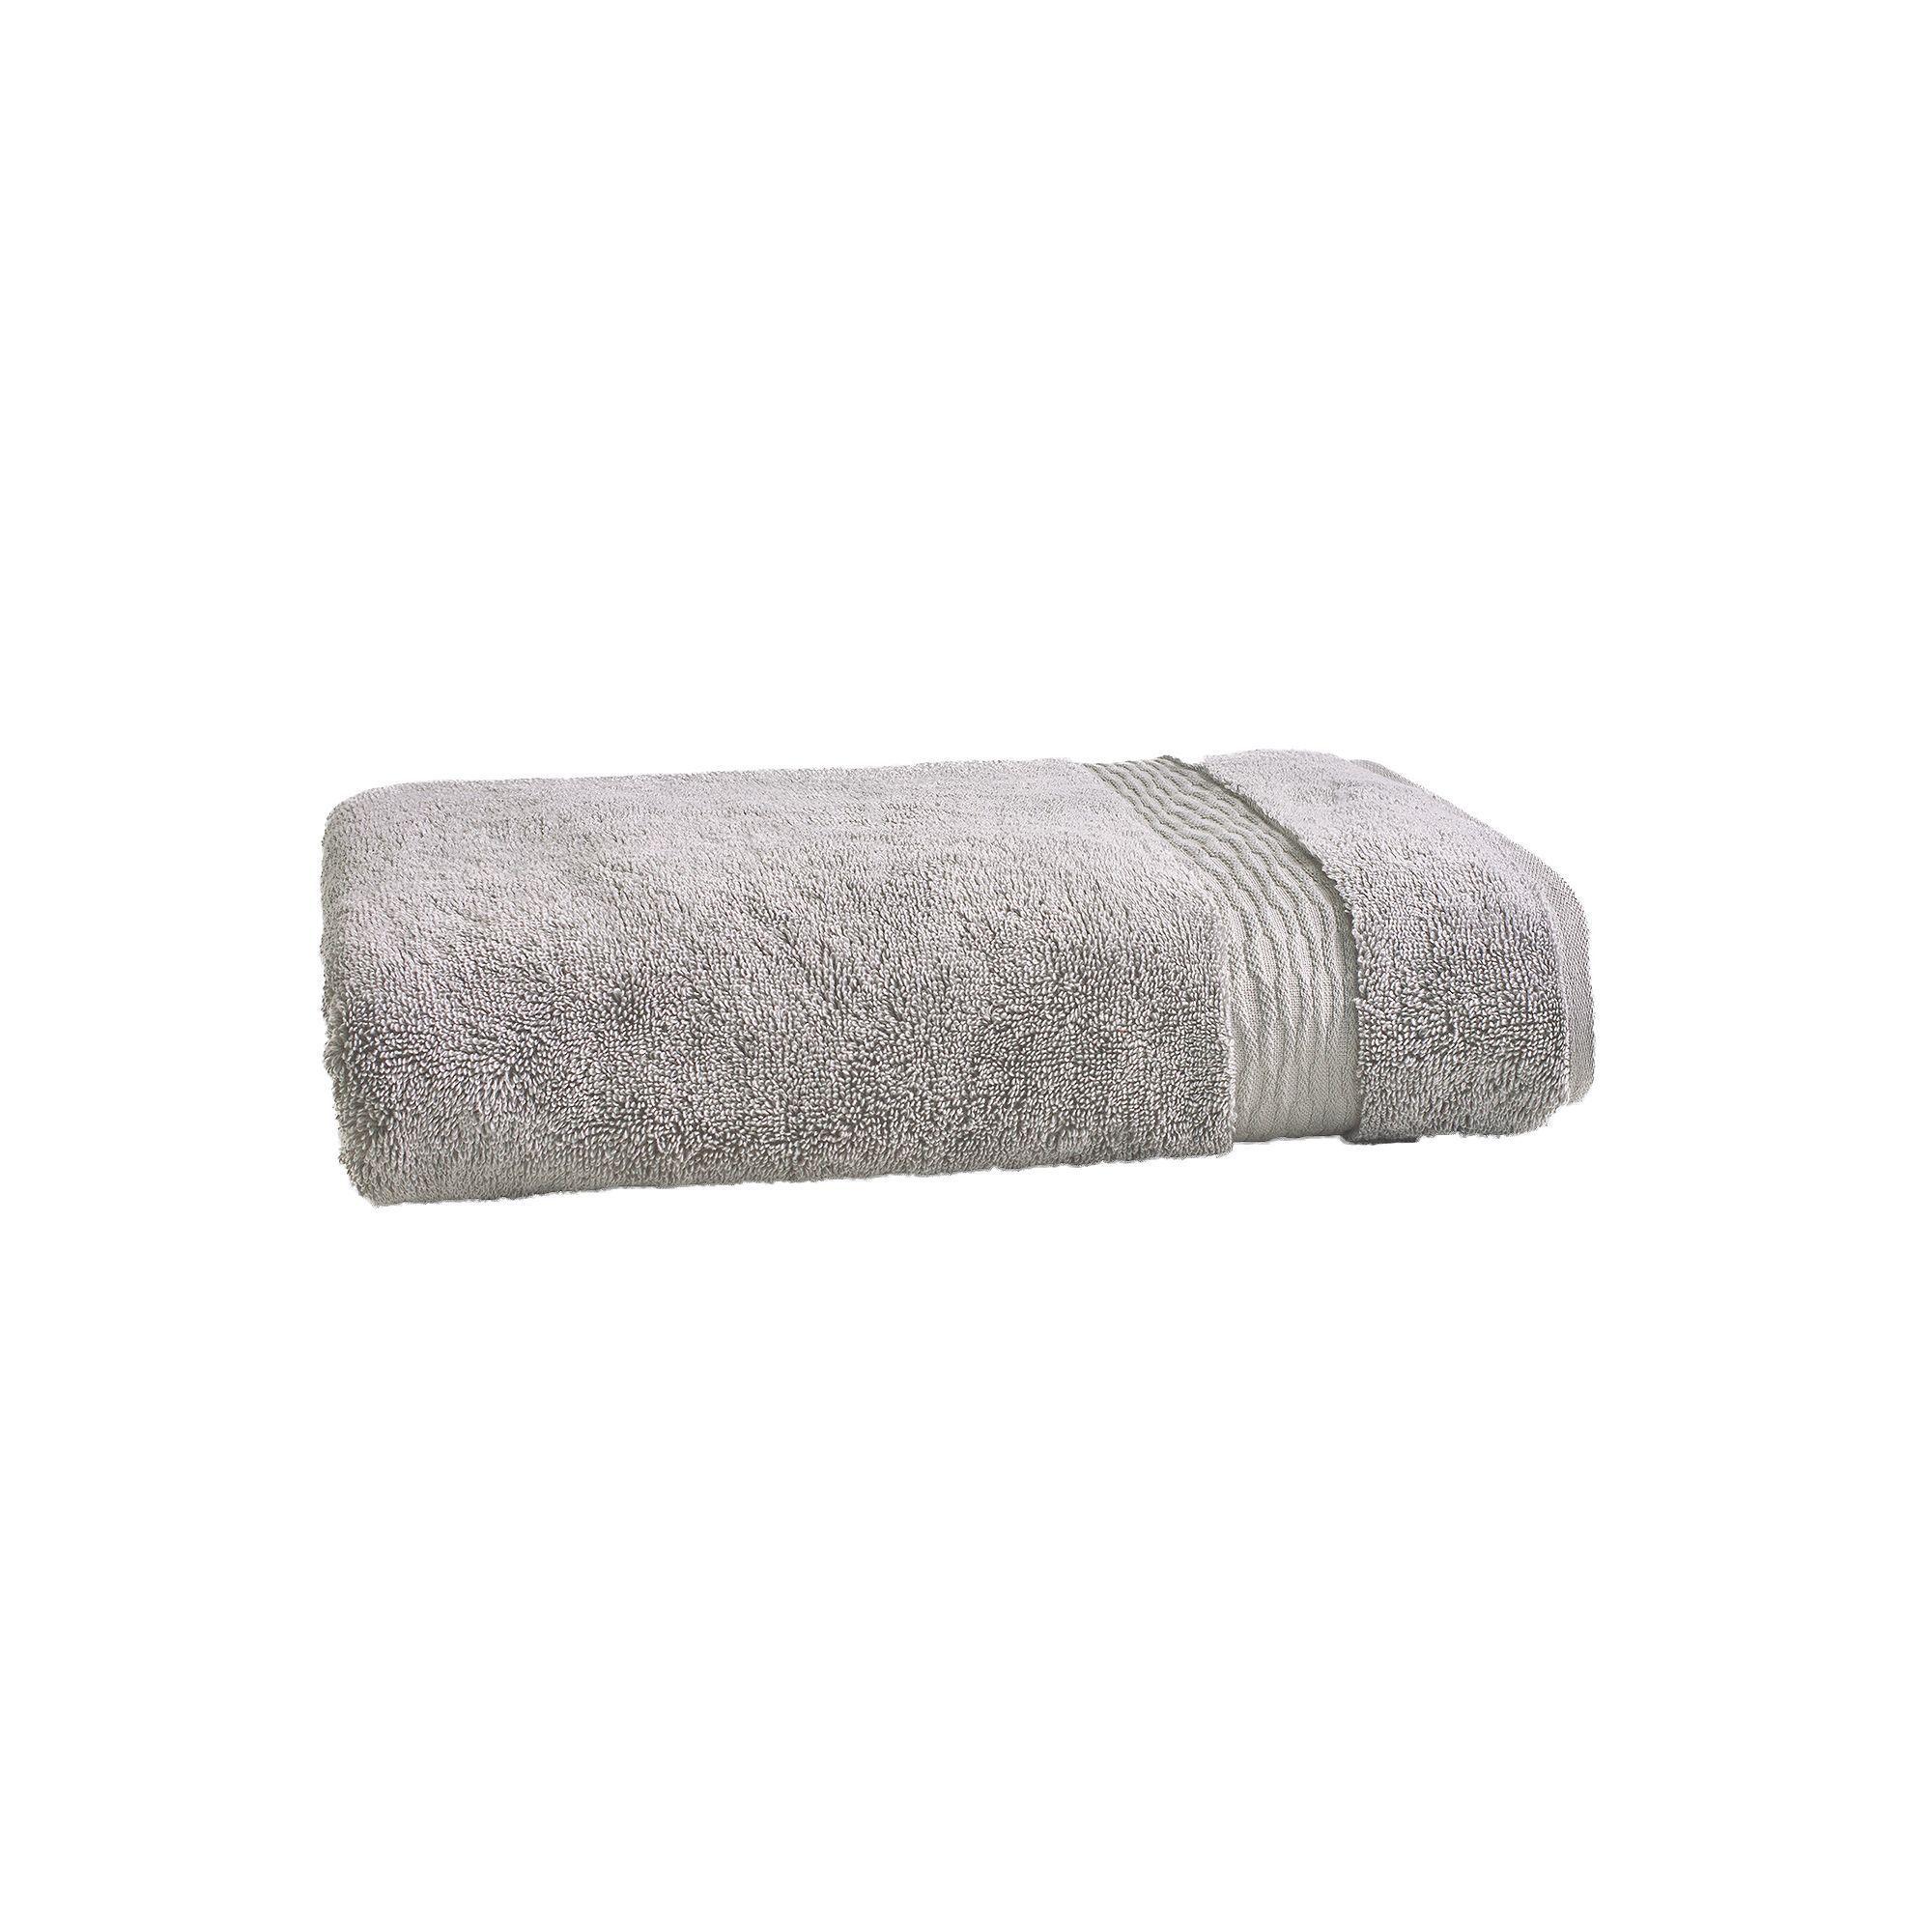 Loft By Loftex Innovate Bath Towel Bath Towels Towel Bath